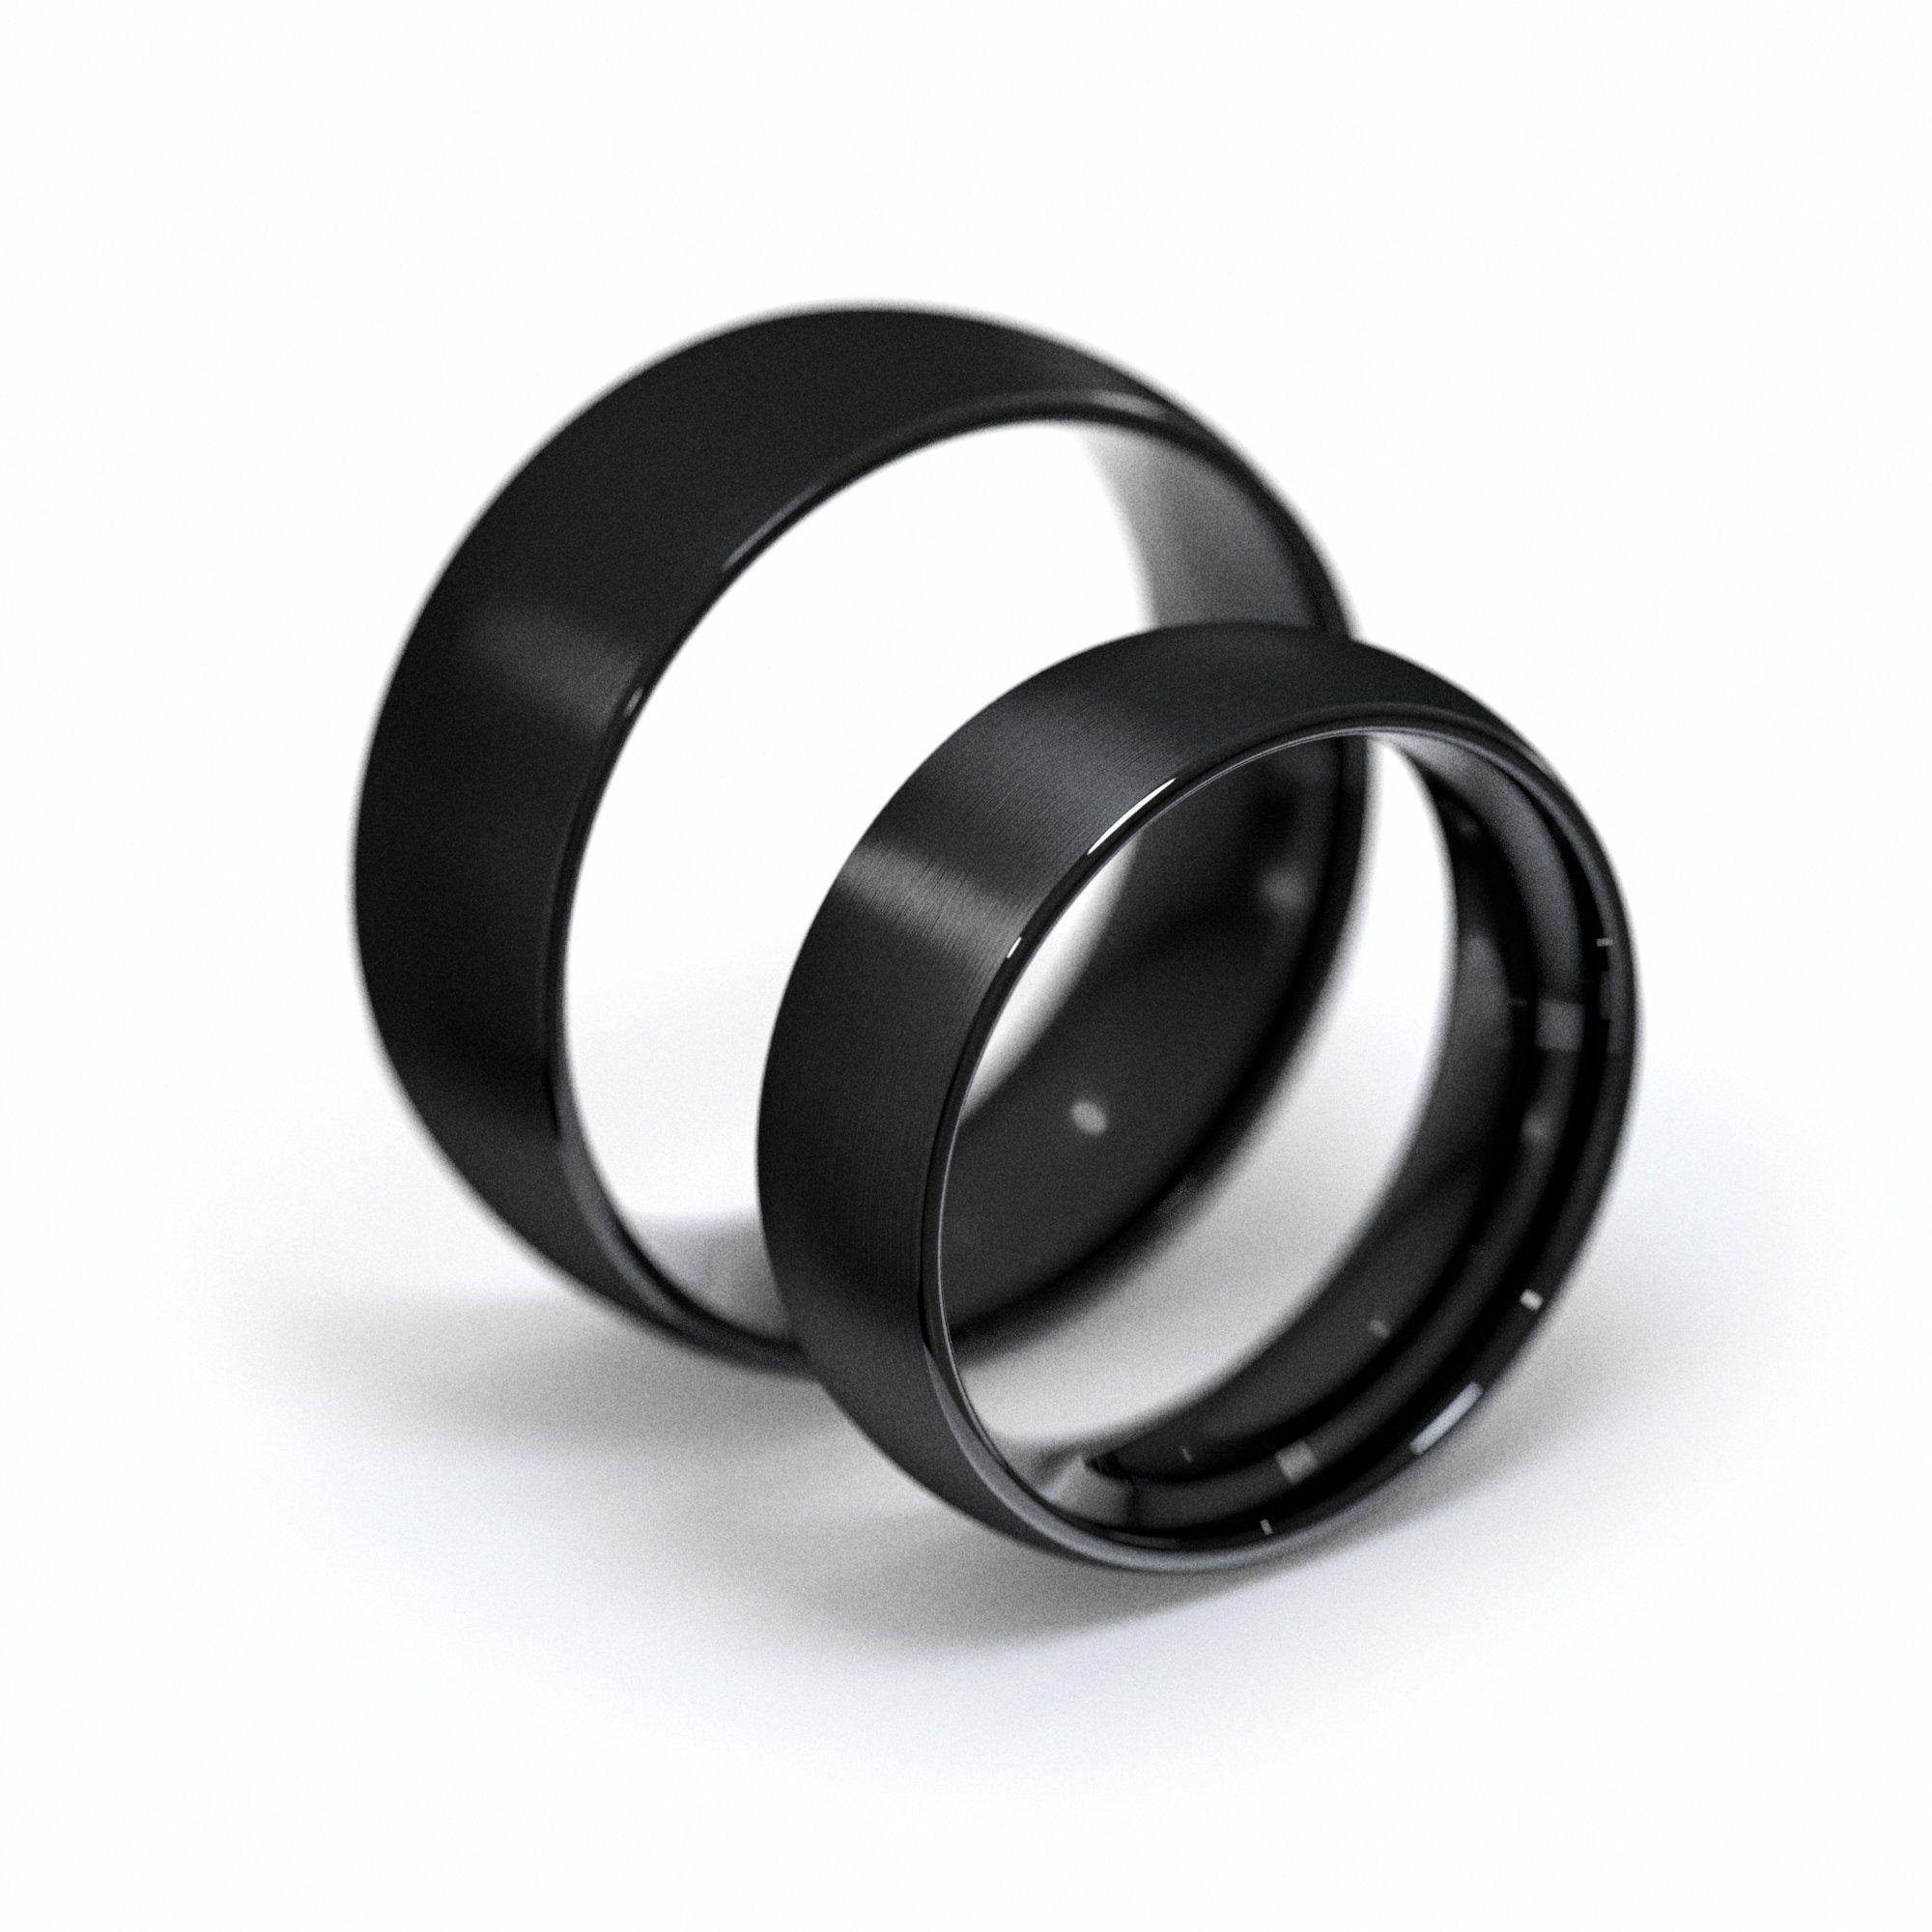 Black Tungsten Rings Set, Brushed Matte Finish, Plain